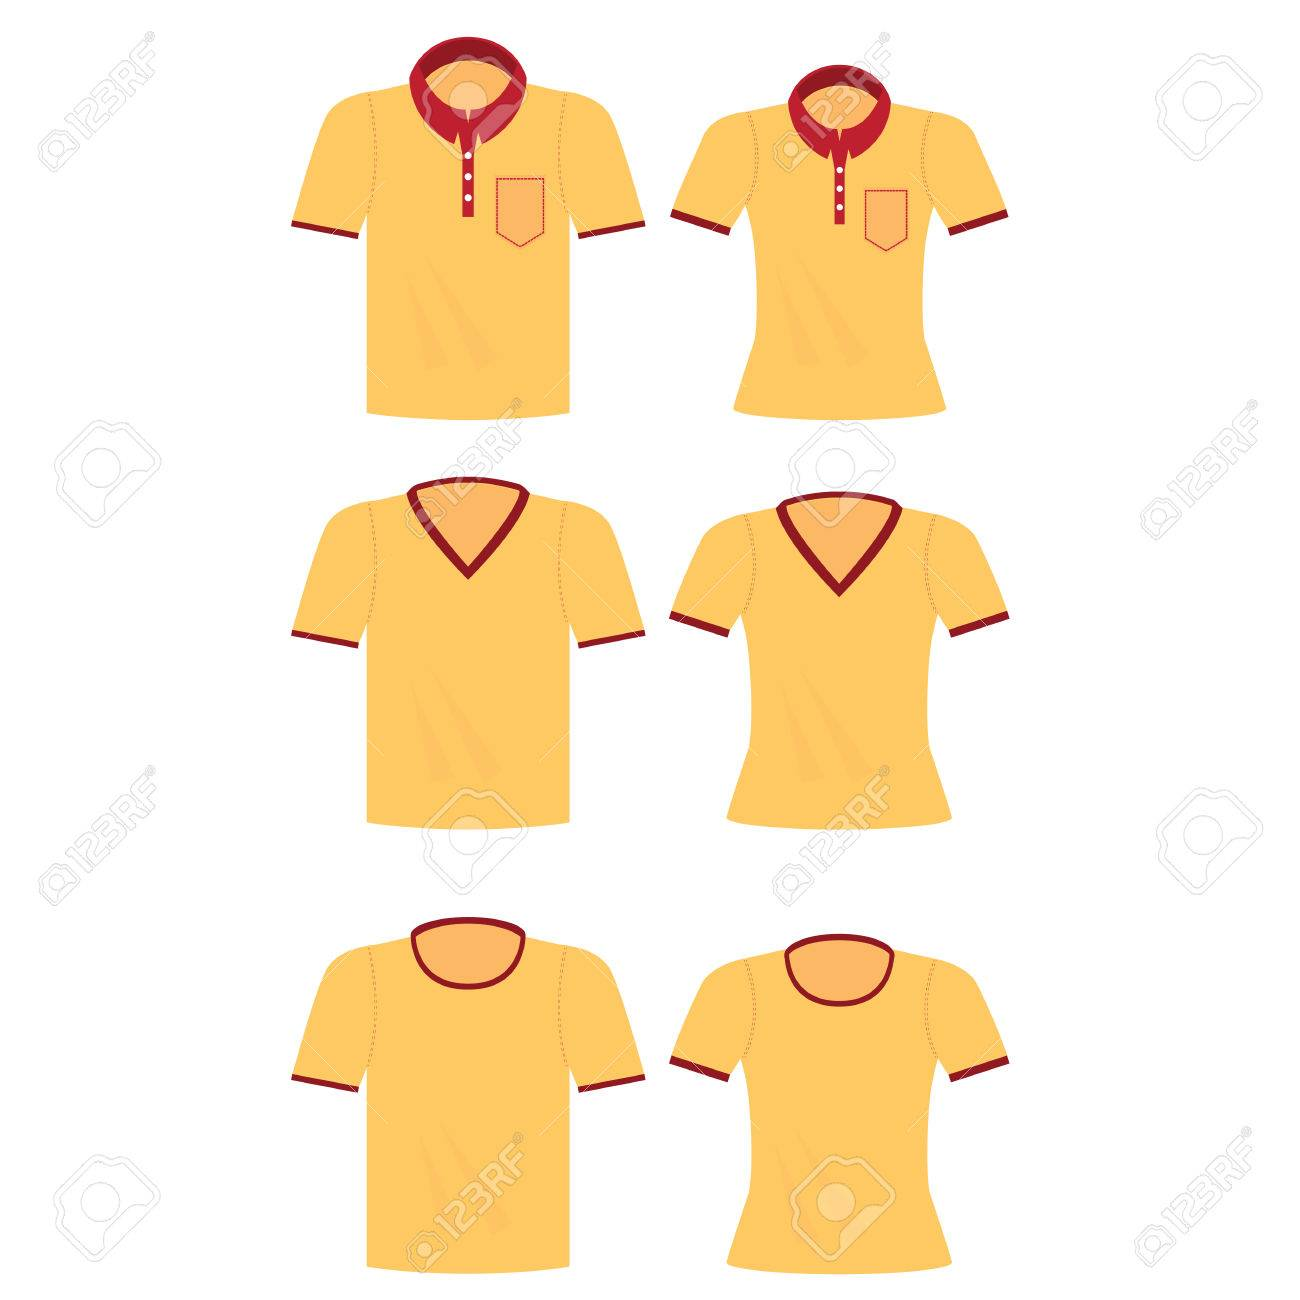 Camiseta Amarilla Para Hombre Y Mujer, Camisas De Polo De La ...